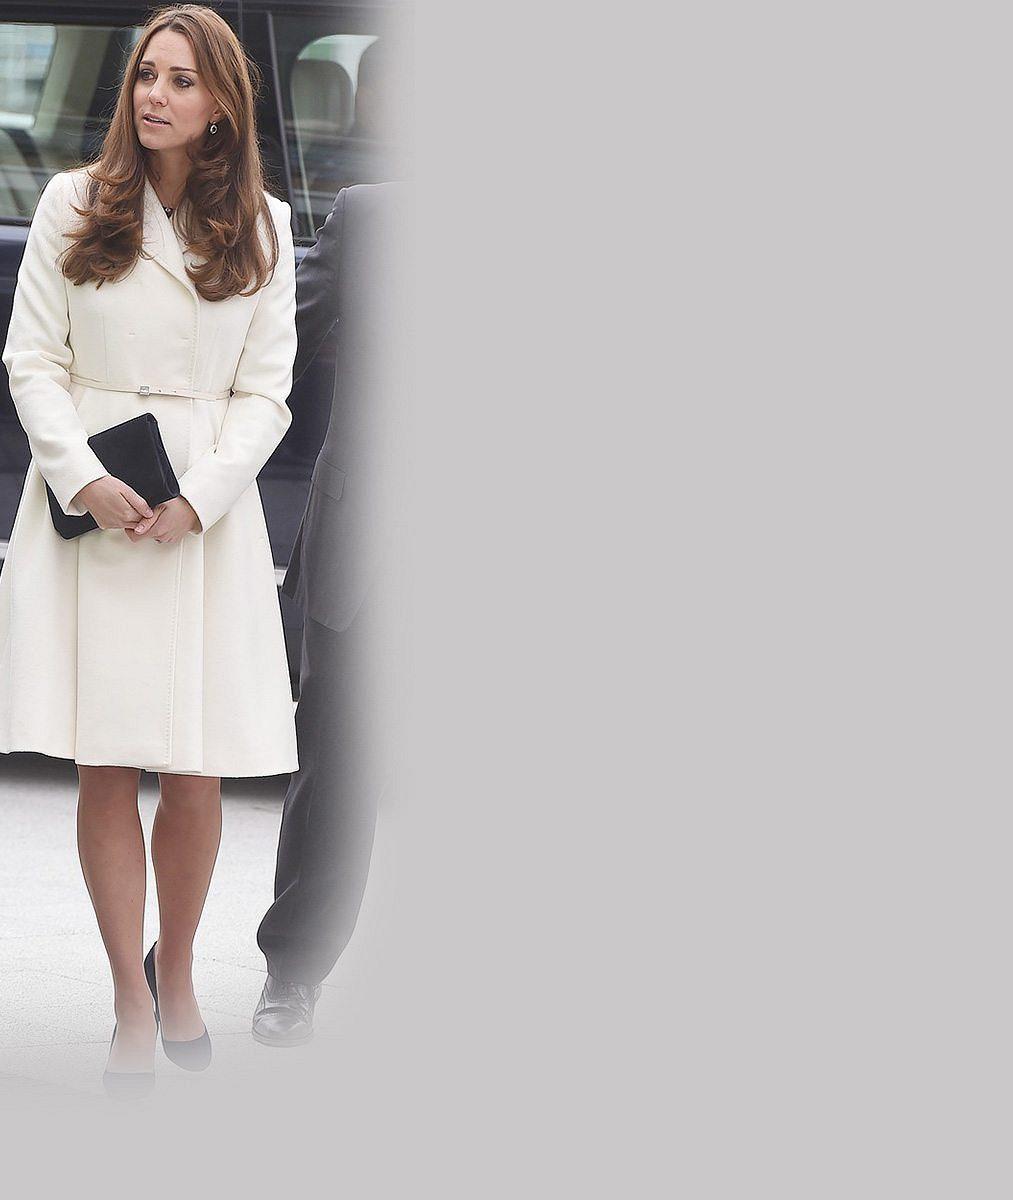 Větřík má na ni spadeno: Vévodkyni zCambridge už zase zvedal sukni